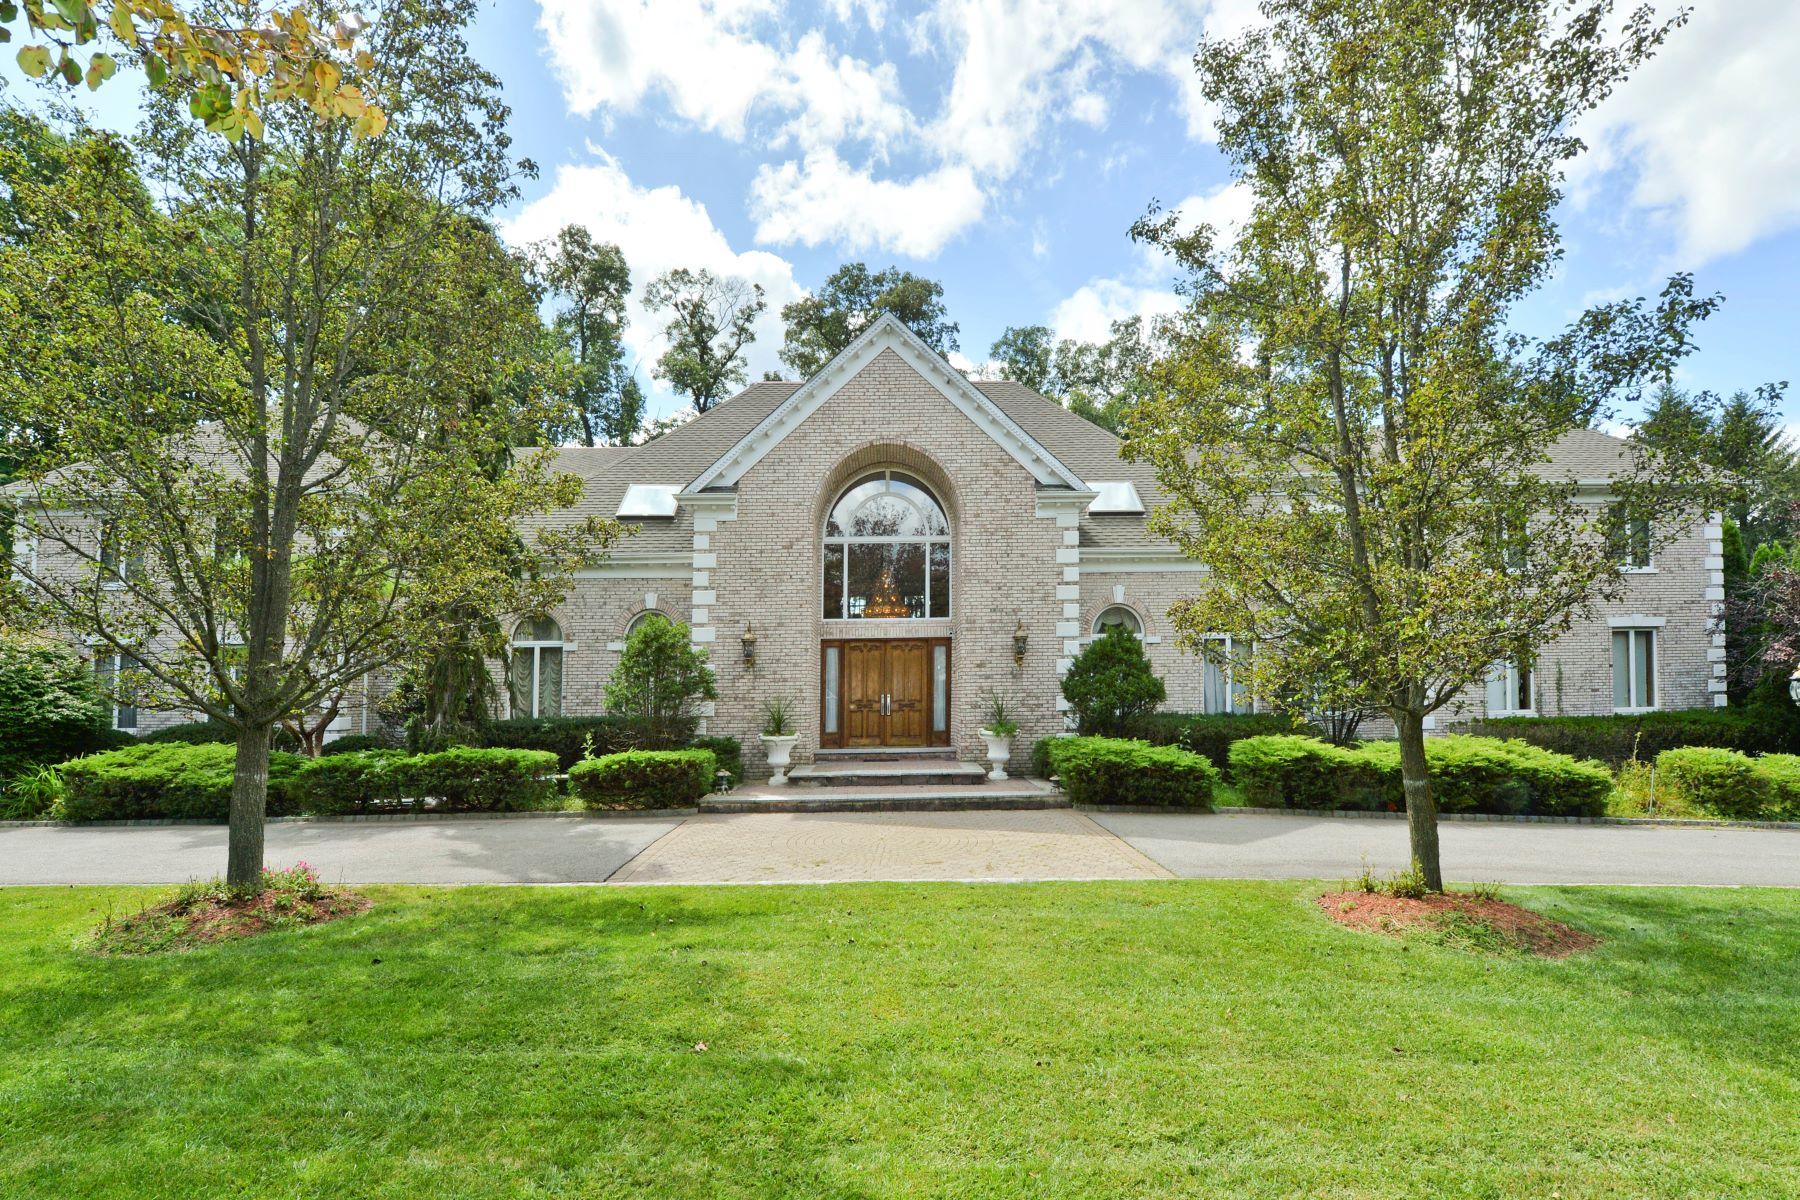 Maison unifamiliale pour l Vente à SOUTH POND ESTATE 3 S Pond Rd, Saddle River, New Jersey 07458 États-Unis